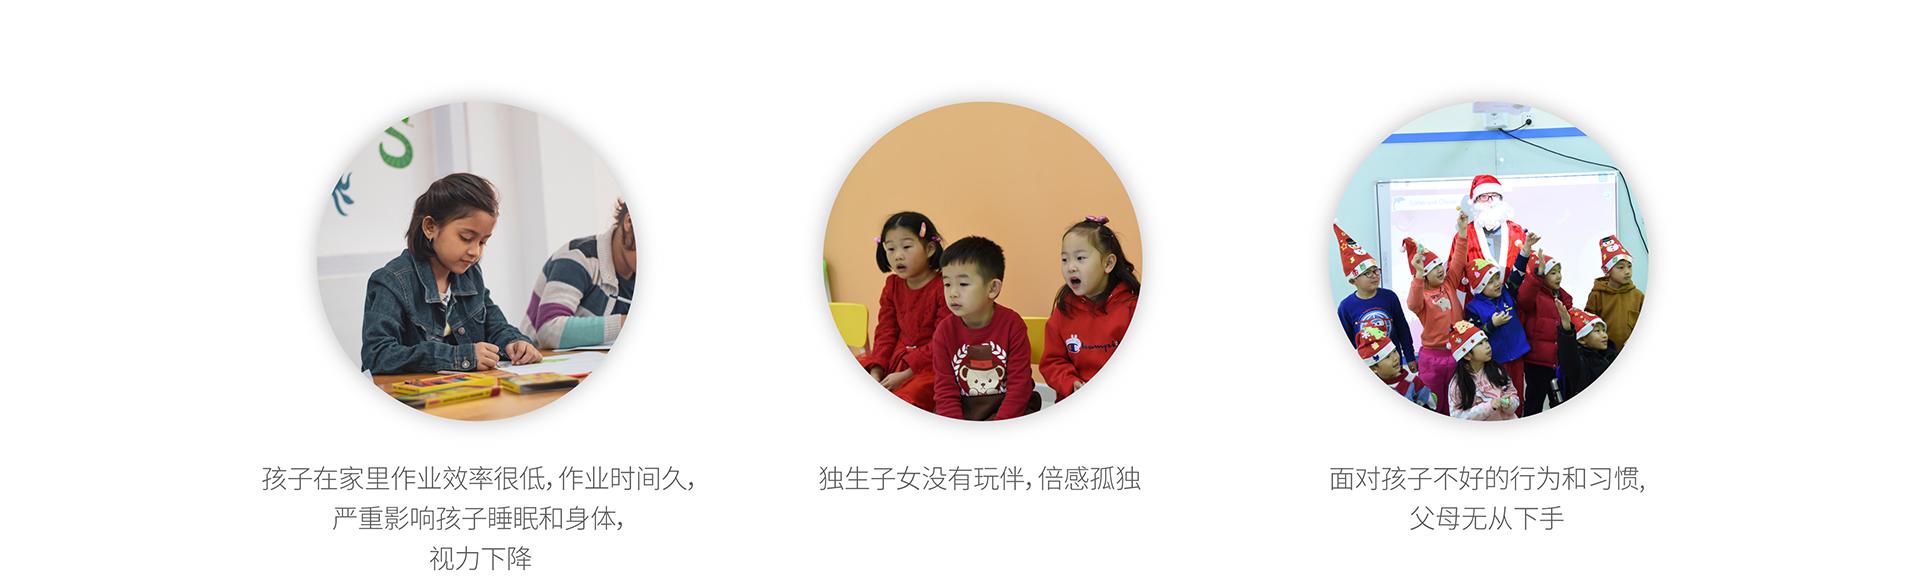 青鸟园丁学习馆qnyd_19